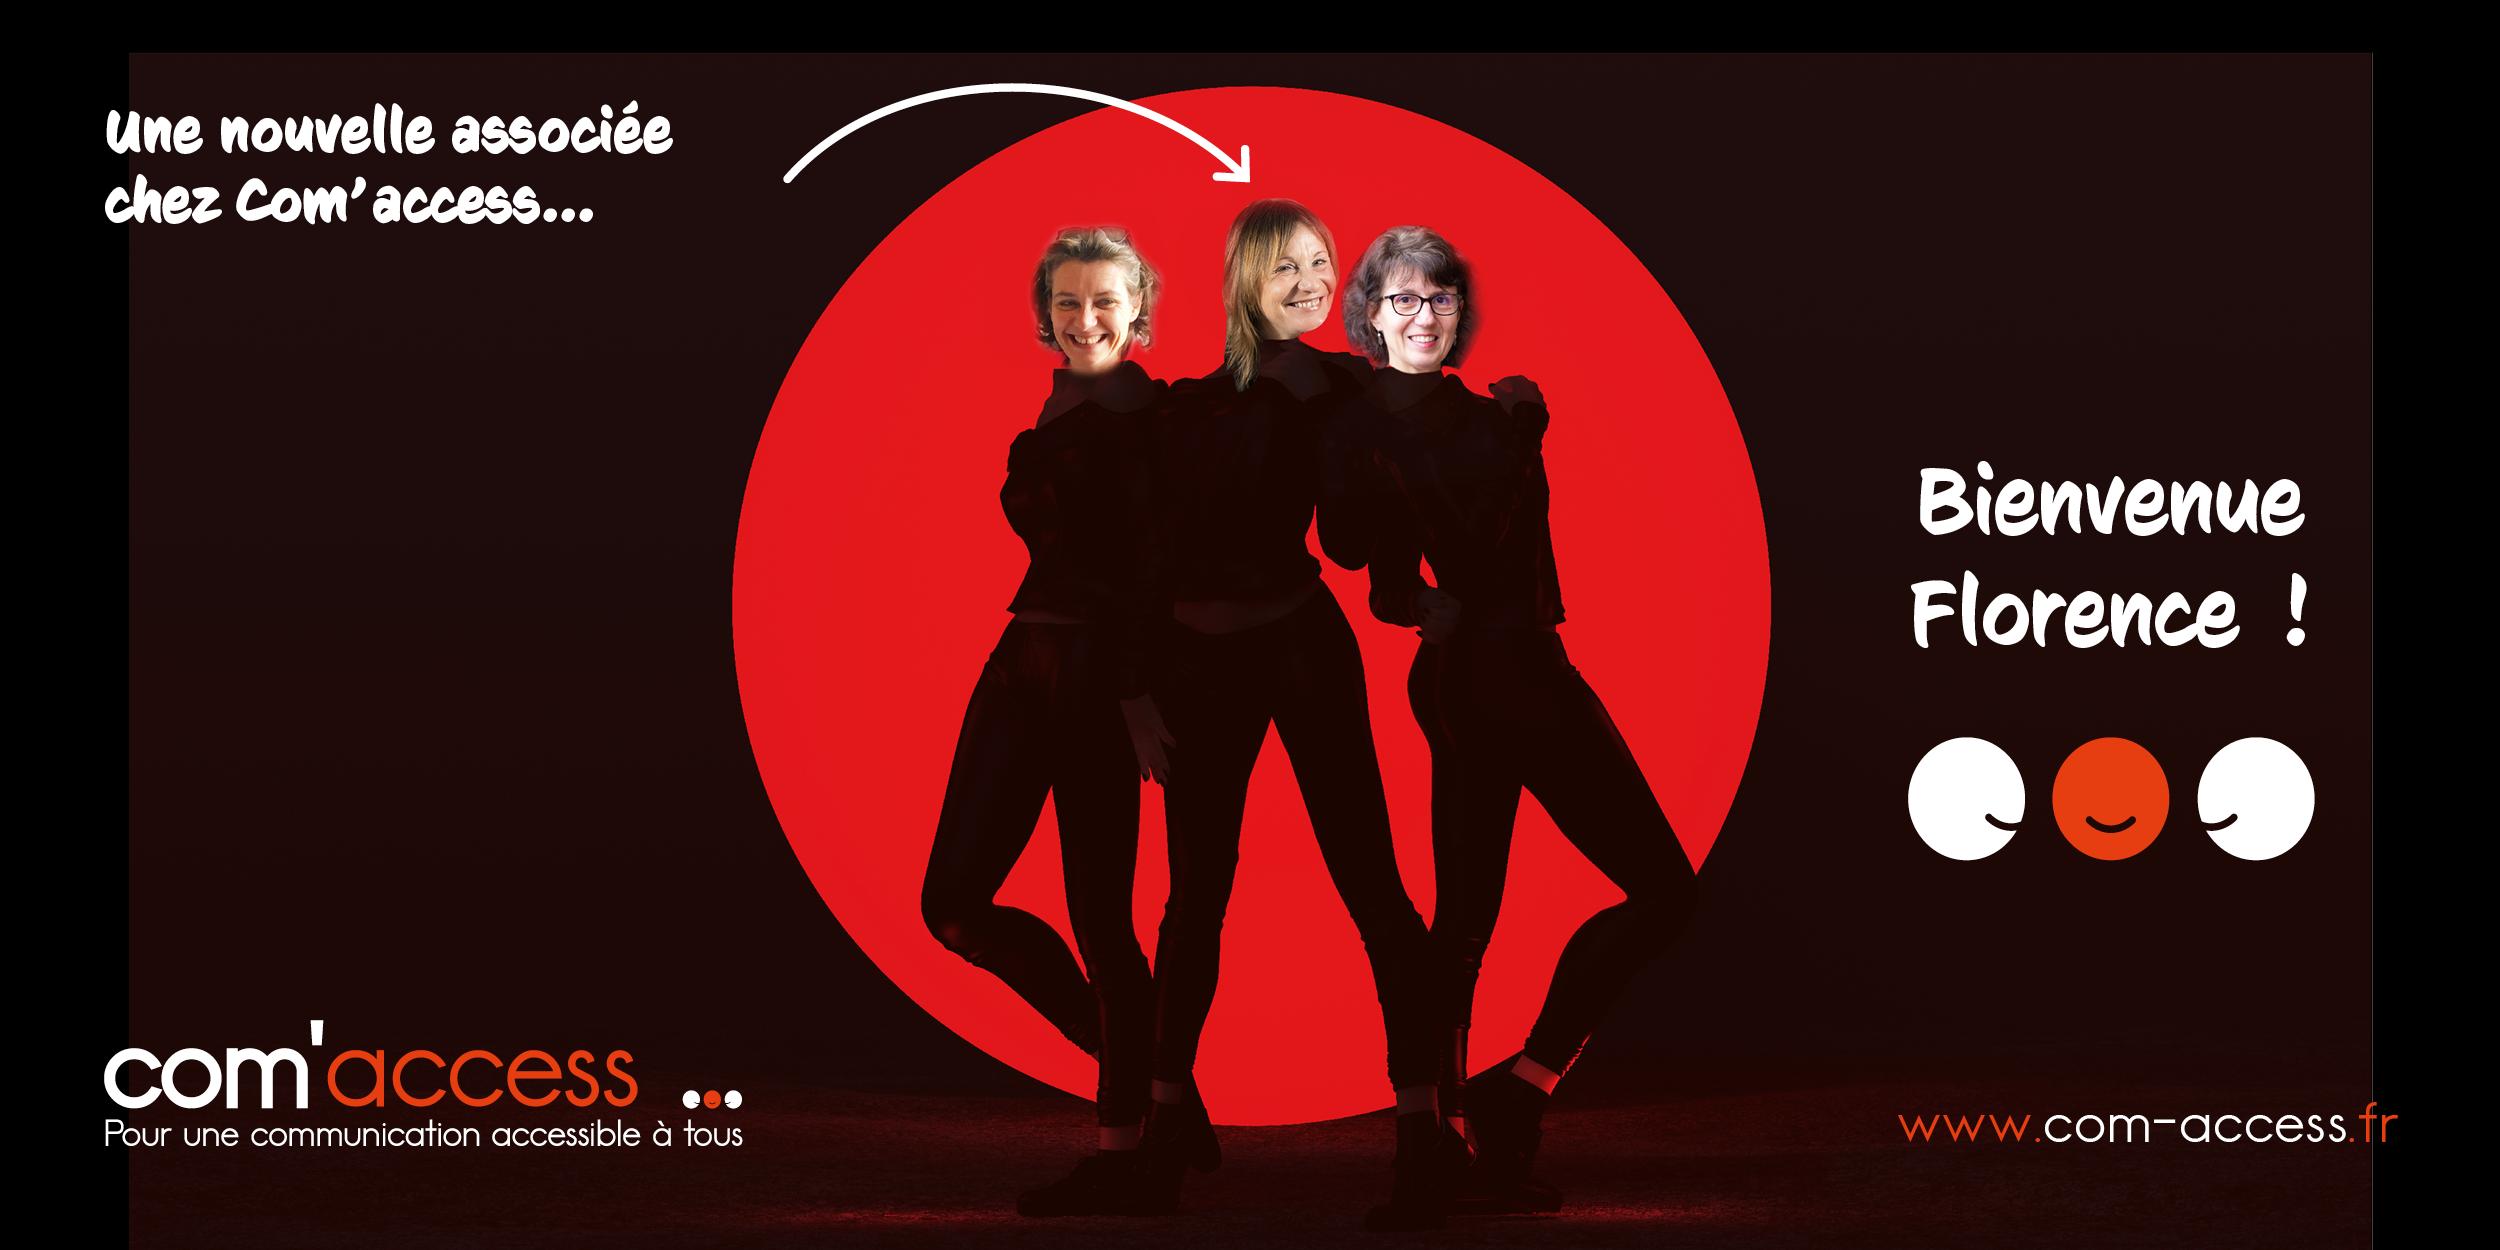 Image représentant les 3 associées sous forme de personnage de bande dessinée. Bienvenue Florence ! une nouvelle associée chez Com'access